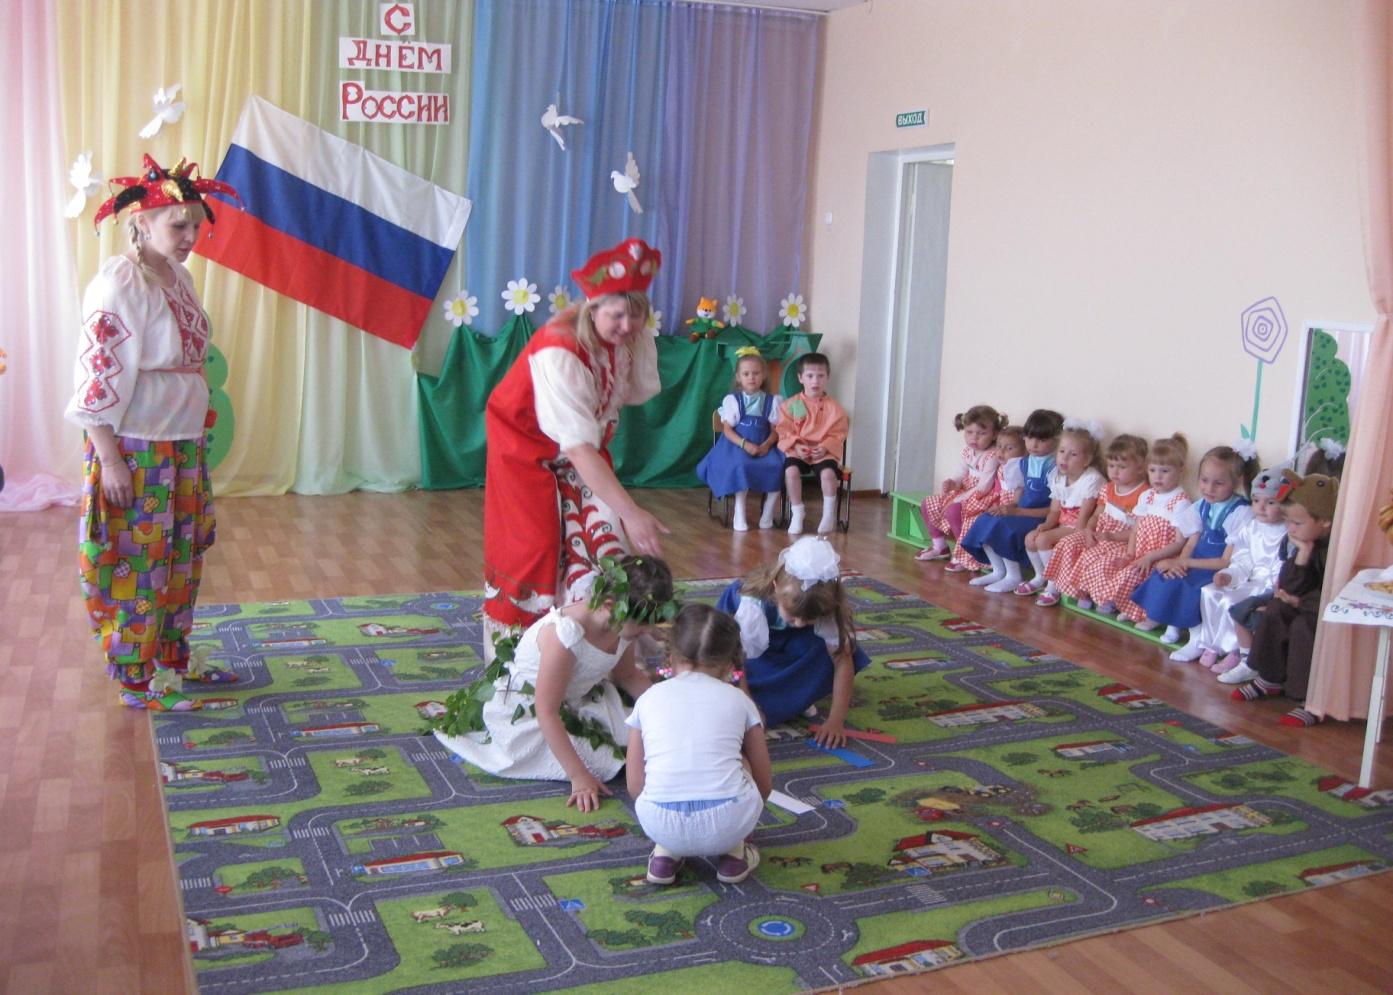 Сценарий праздника в дошкольном возрасте